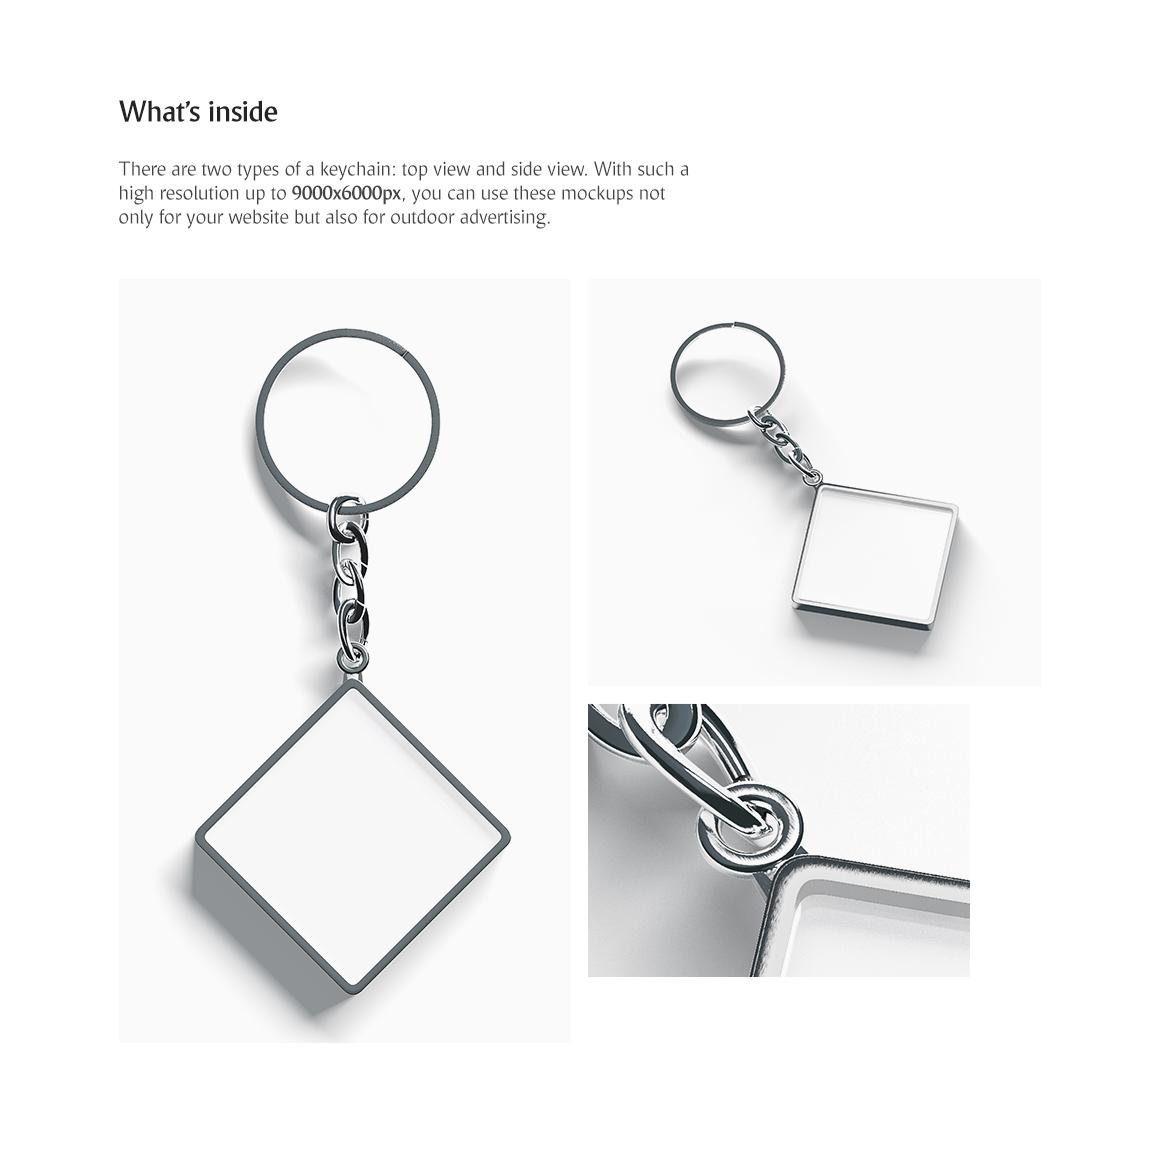 Rhombus Keychain Product Mockups